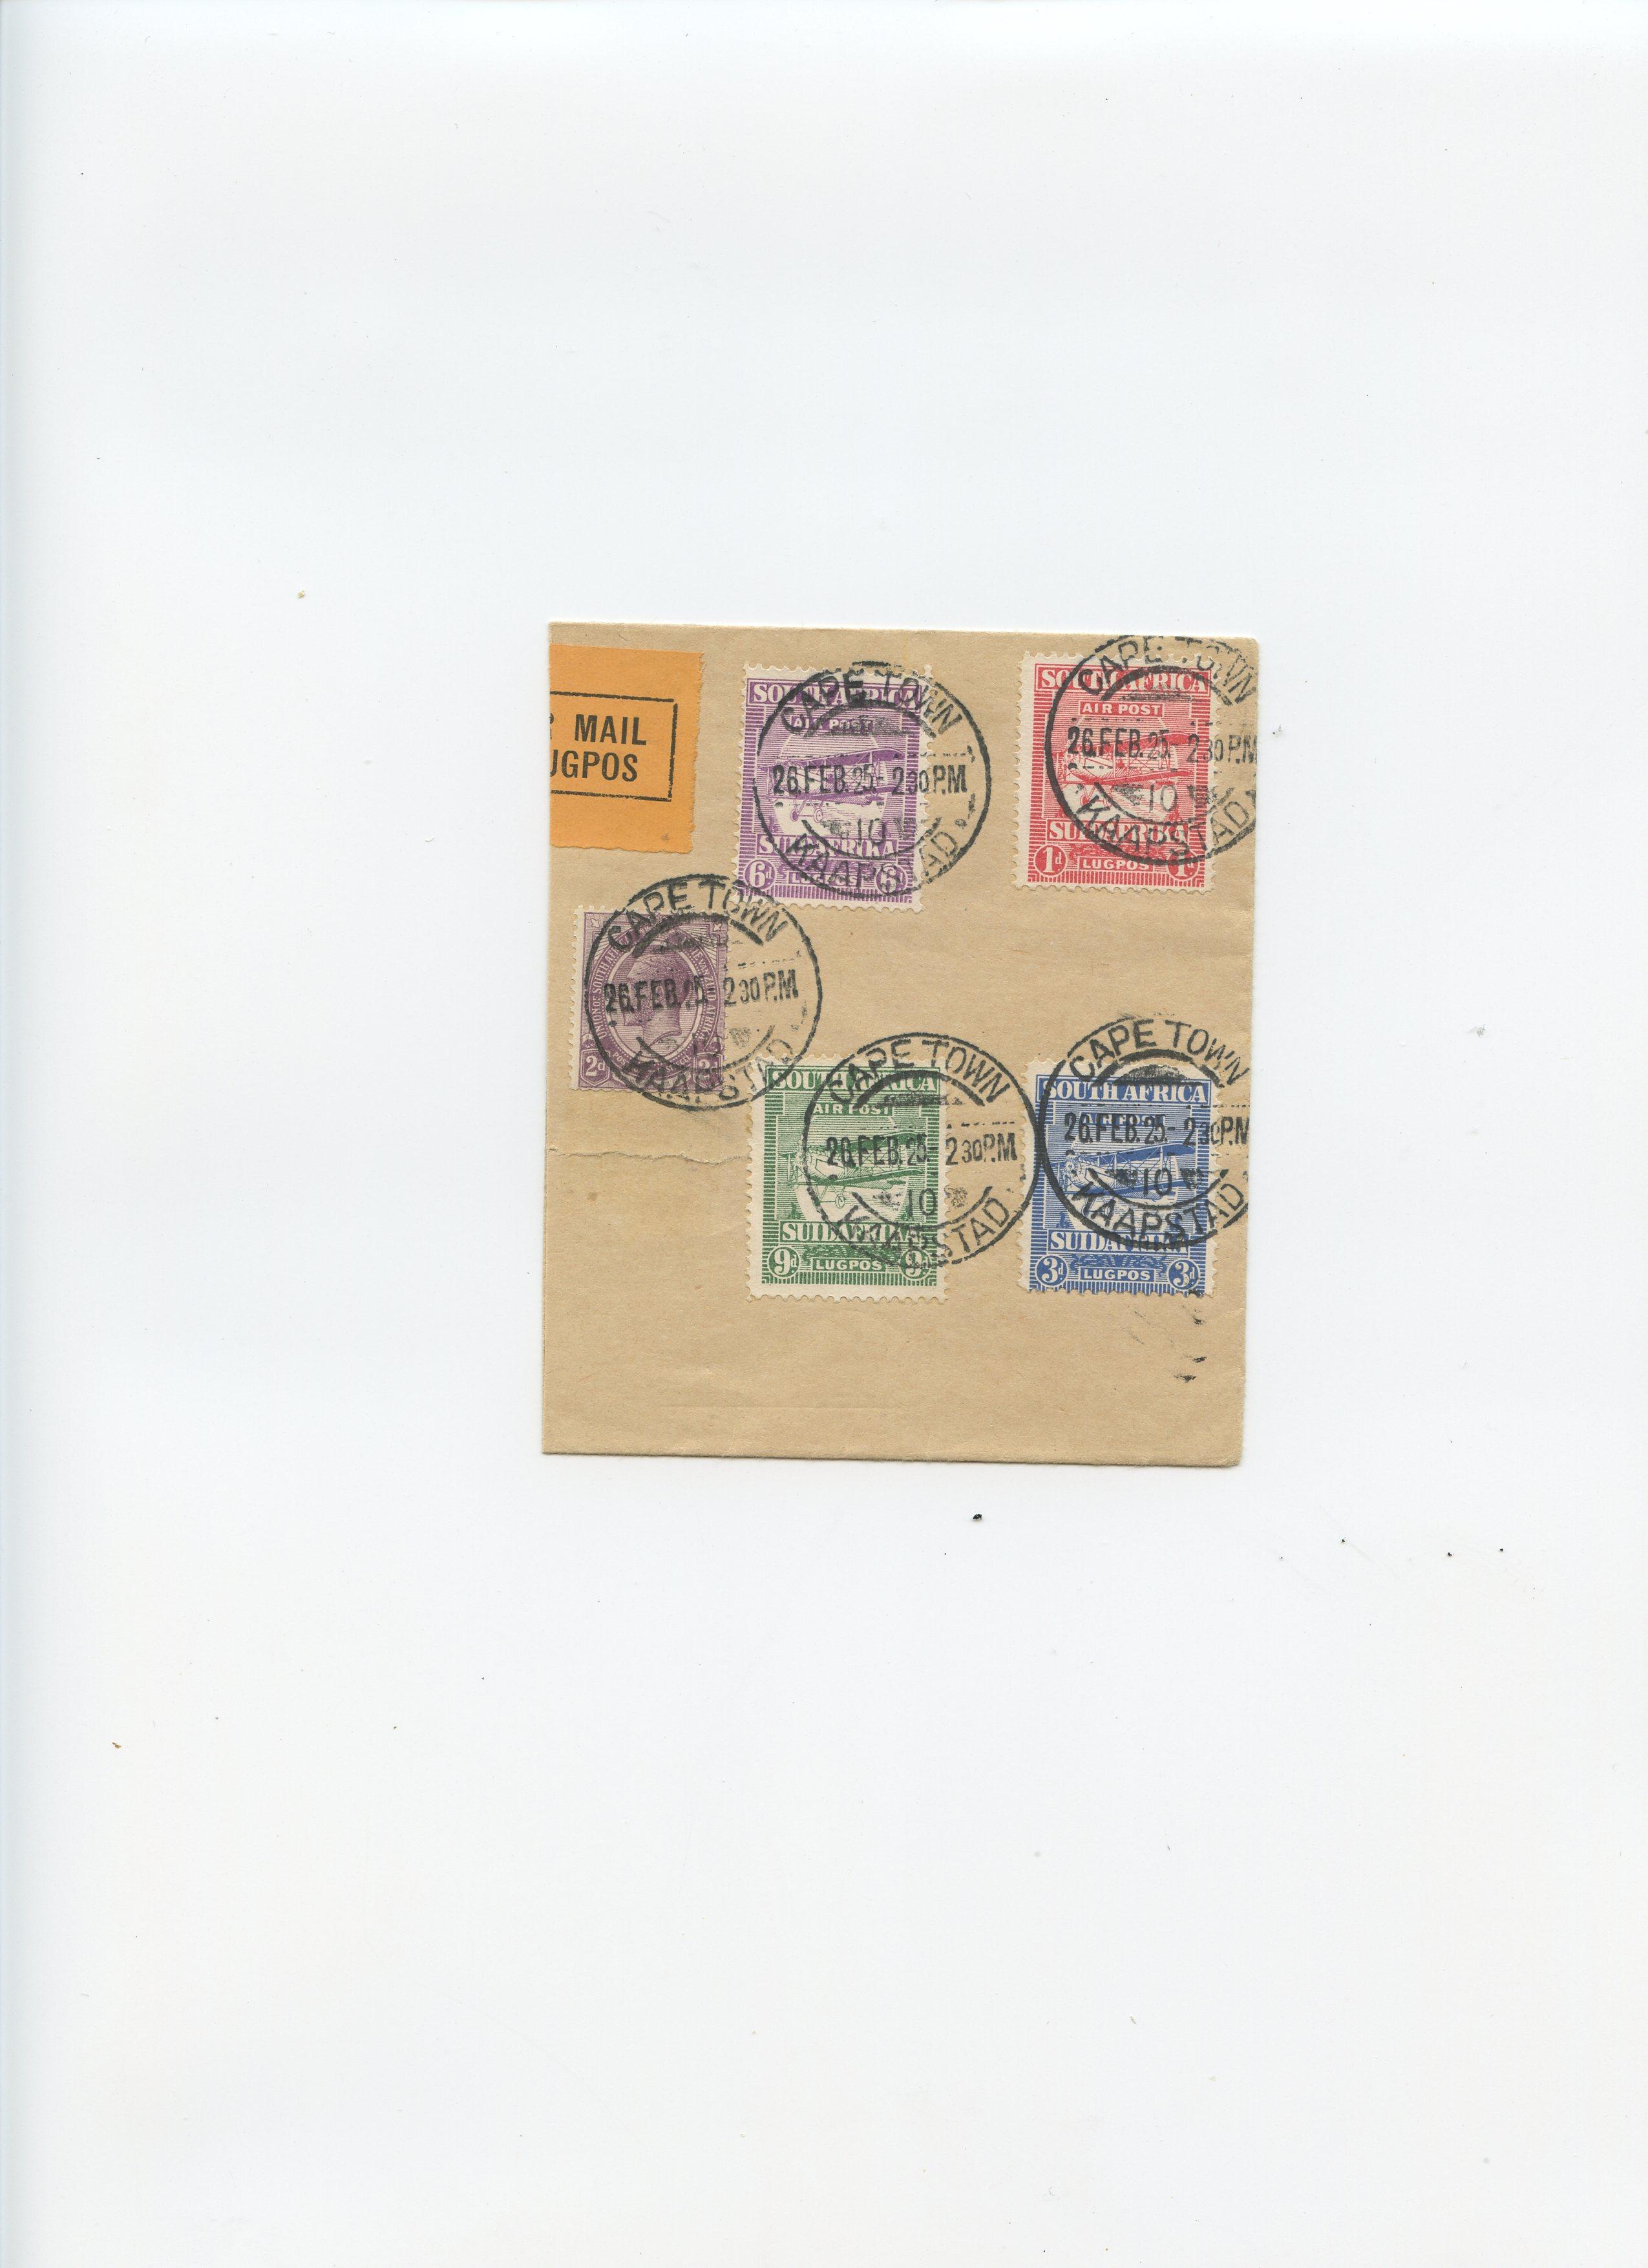 26-Feb-1925-Cape-Town-230pm.jpg